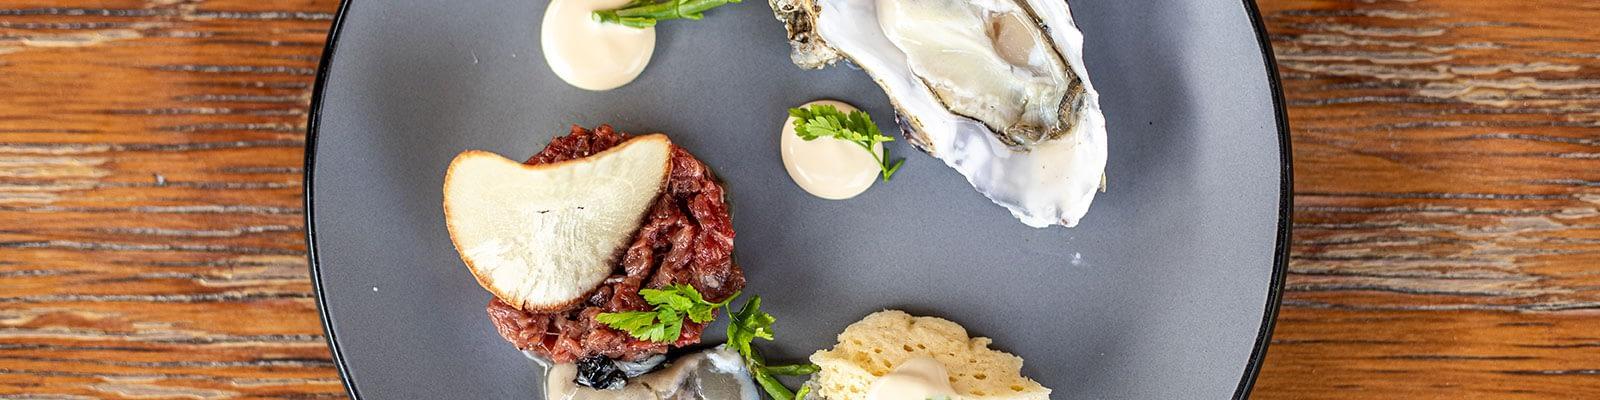 joes-restaurant-bonaire_slider6